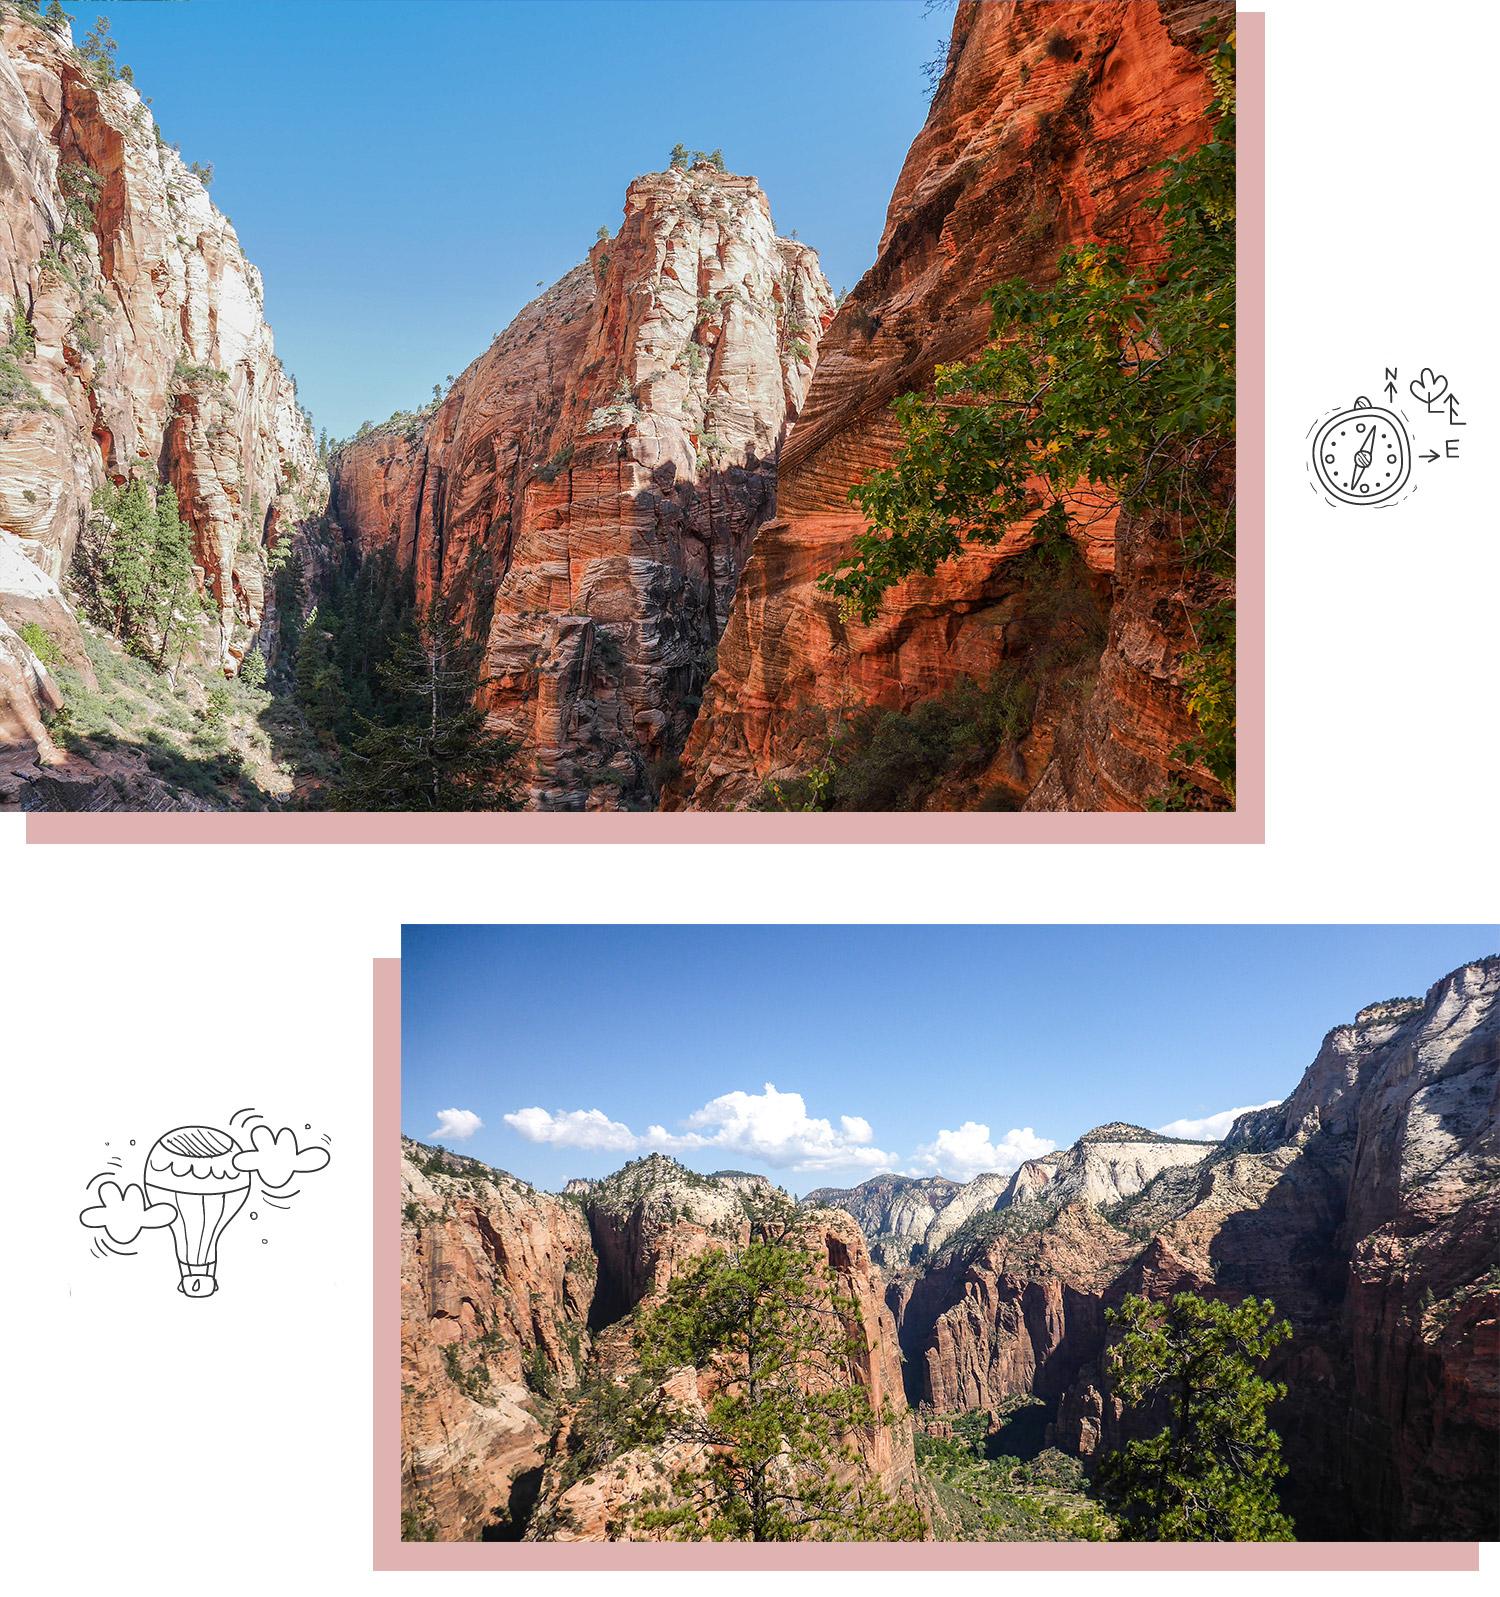 Découvrir les beaux paysages de Zion National Park pendant son road trip dans l'Ouest américain.